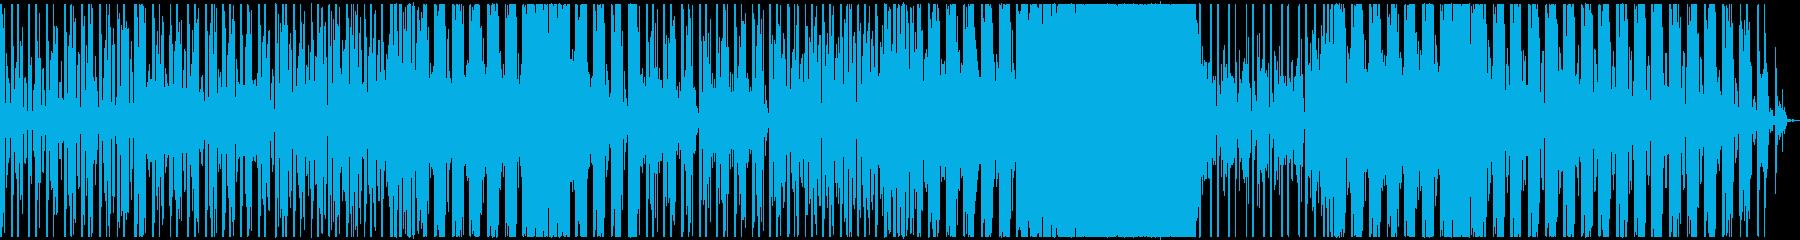 【歌】爽やか×女性英詩ボーカルポップスの再生済みの波形